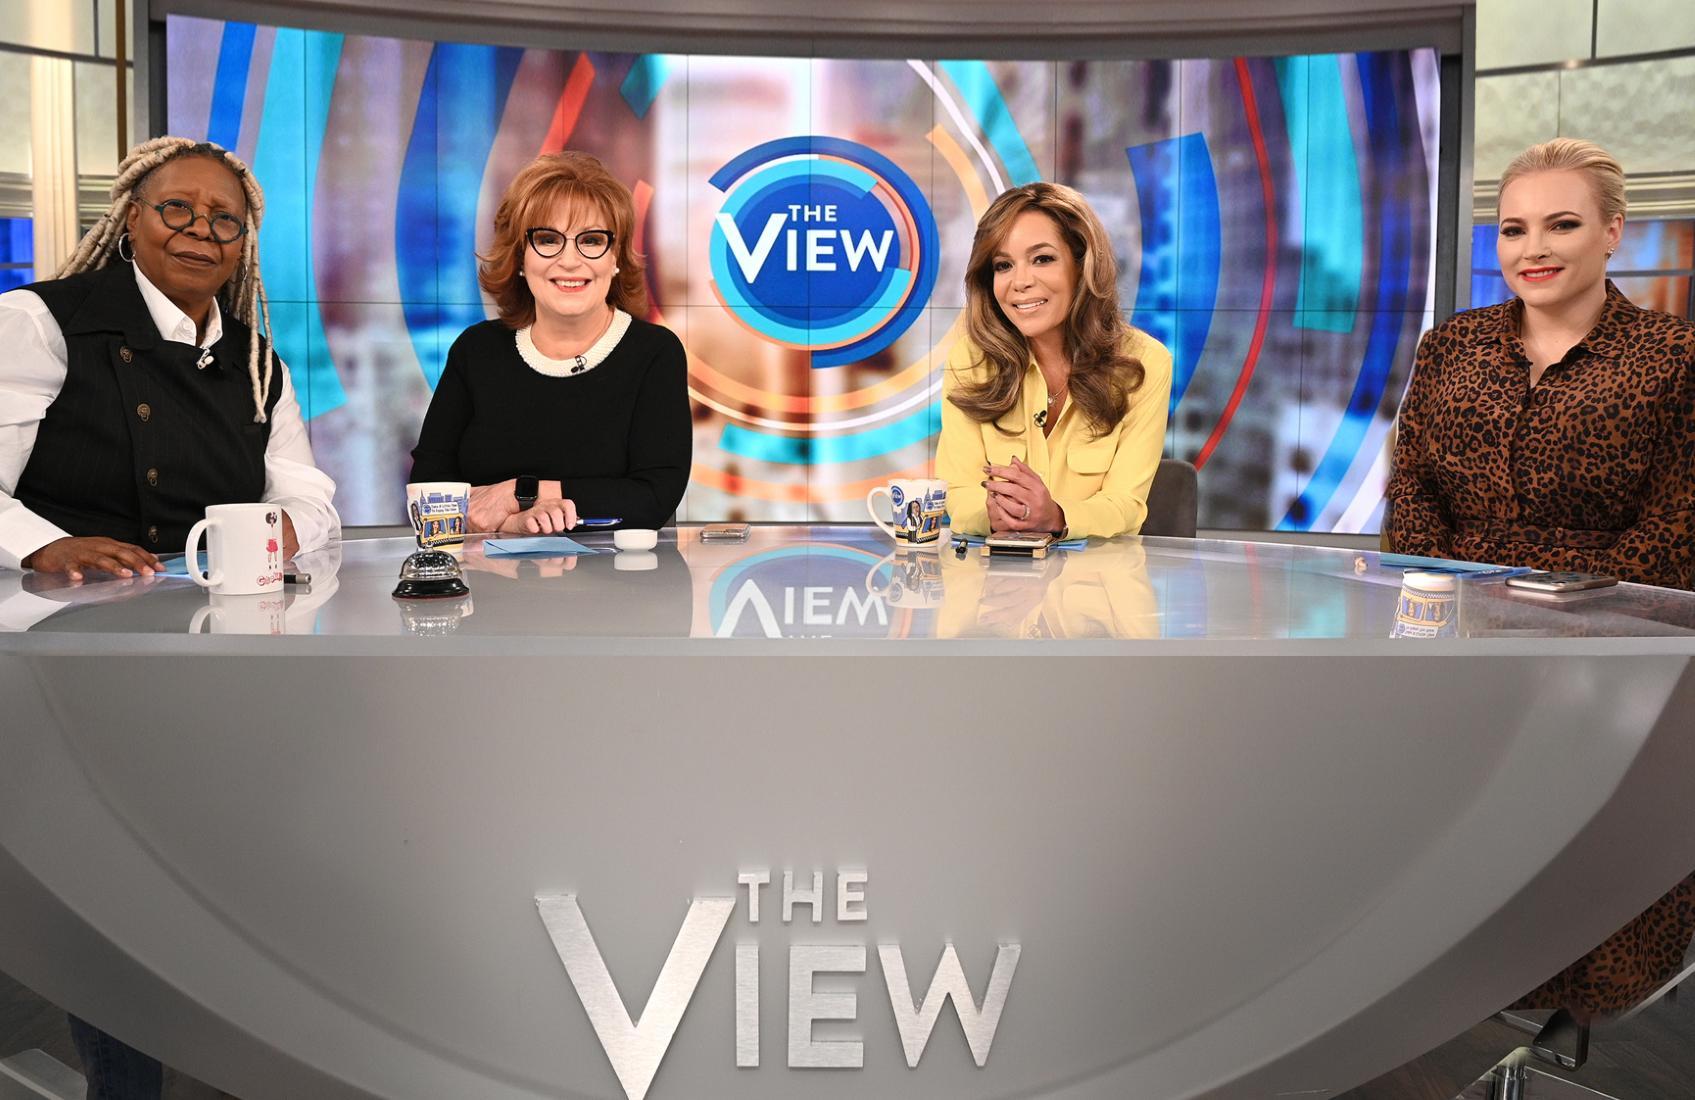 Whoopi Goldberg, Joy Behar, Sunny Hostin and Meghan McCain on The View. (ABC)